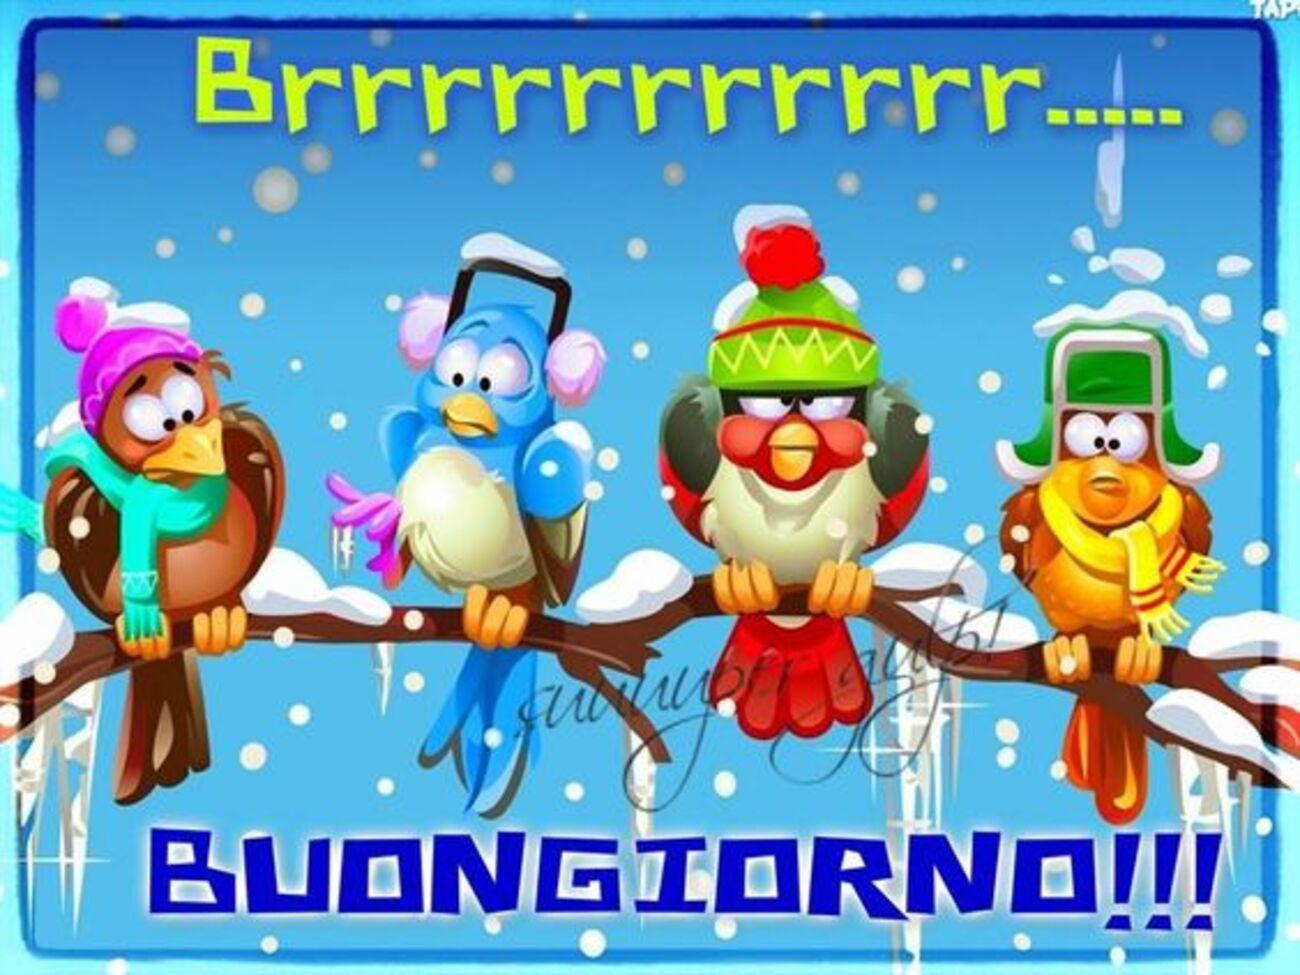 Brrrrrrrrrrrrrr... BUONGIORNO!!!